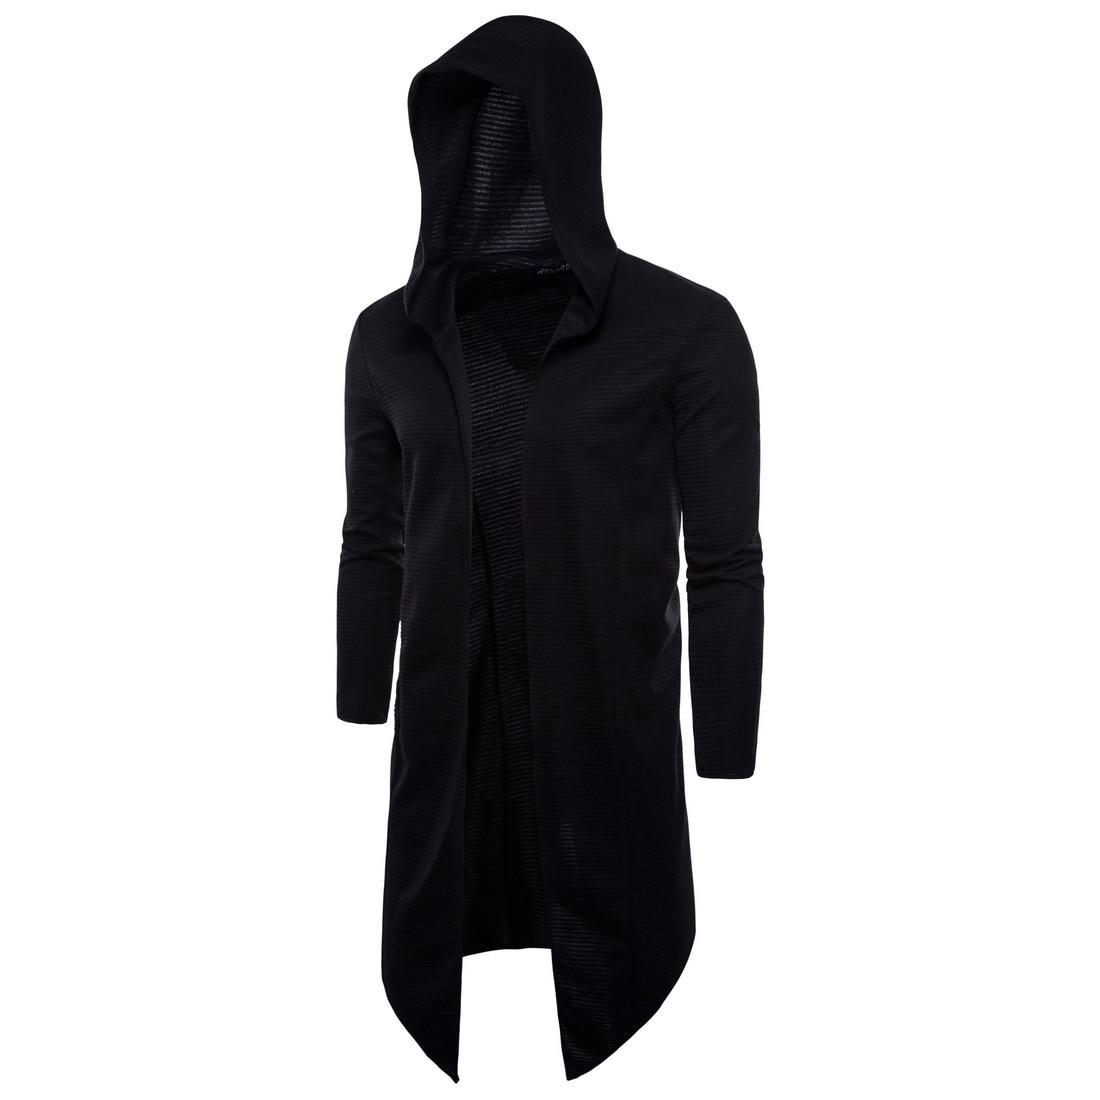 New Men Cardigan Coat Sweaters Hooded Cloak Long Windbreaker Cloak Coat Knitted Sweater Big Size 5XL Cardigans Outerwear